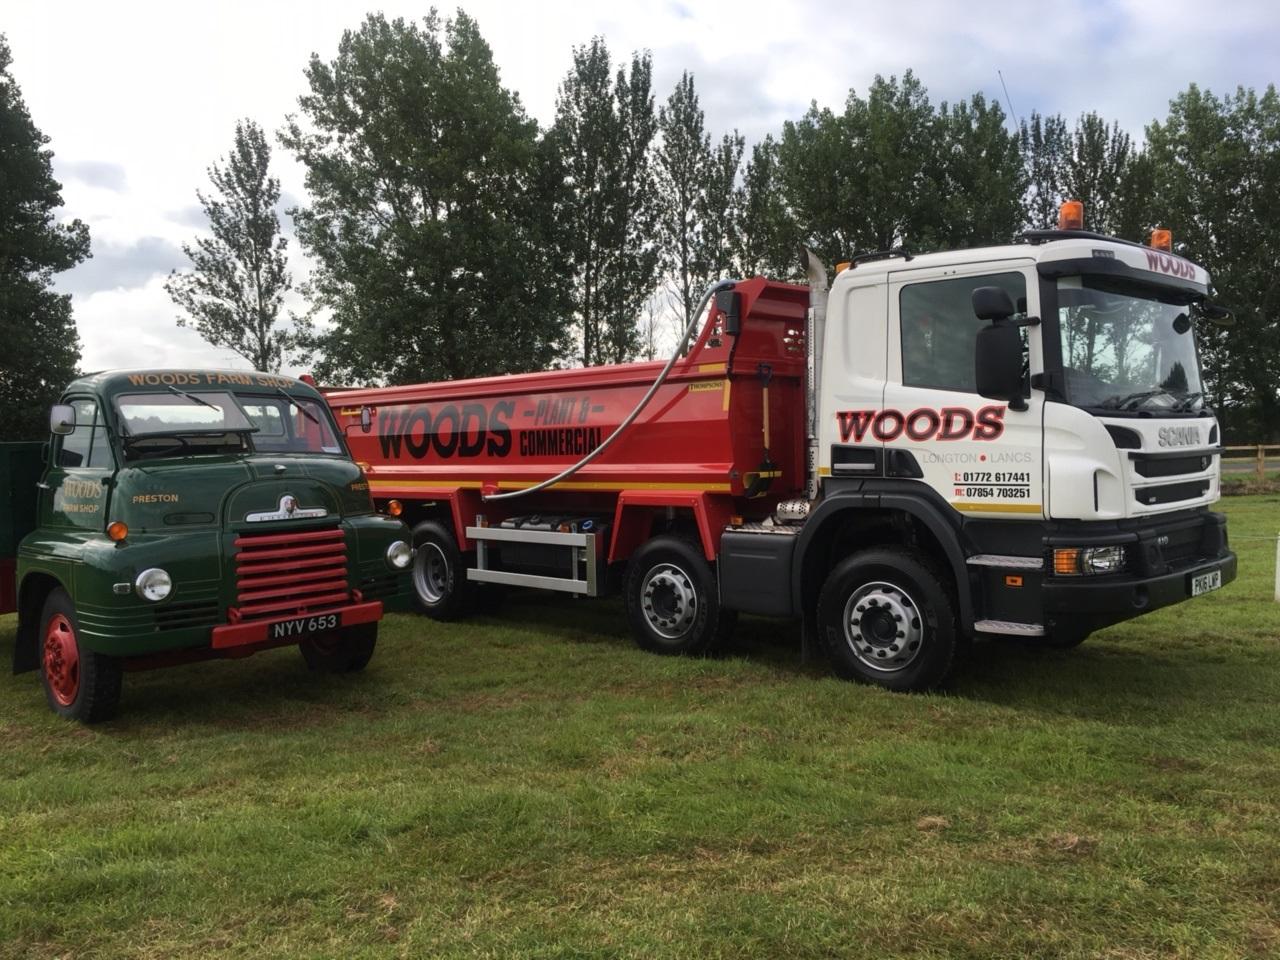 Woods Plant and Commercial Ltd - Preston, Lancashire PR4 6HN - 01772 811773 | ShowMeLocal.com